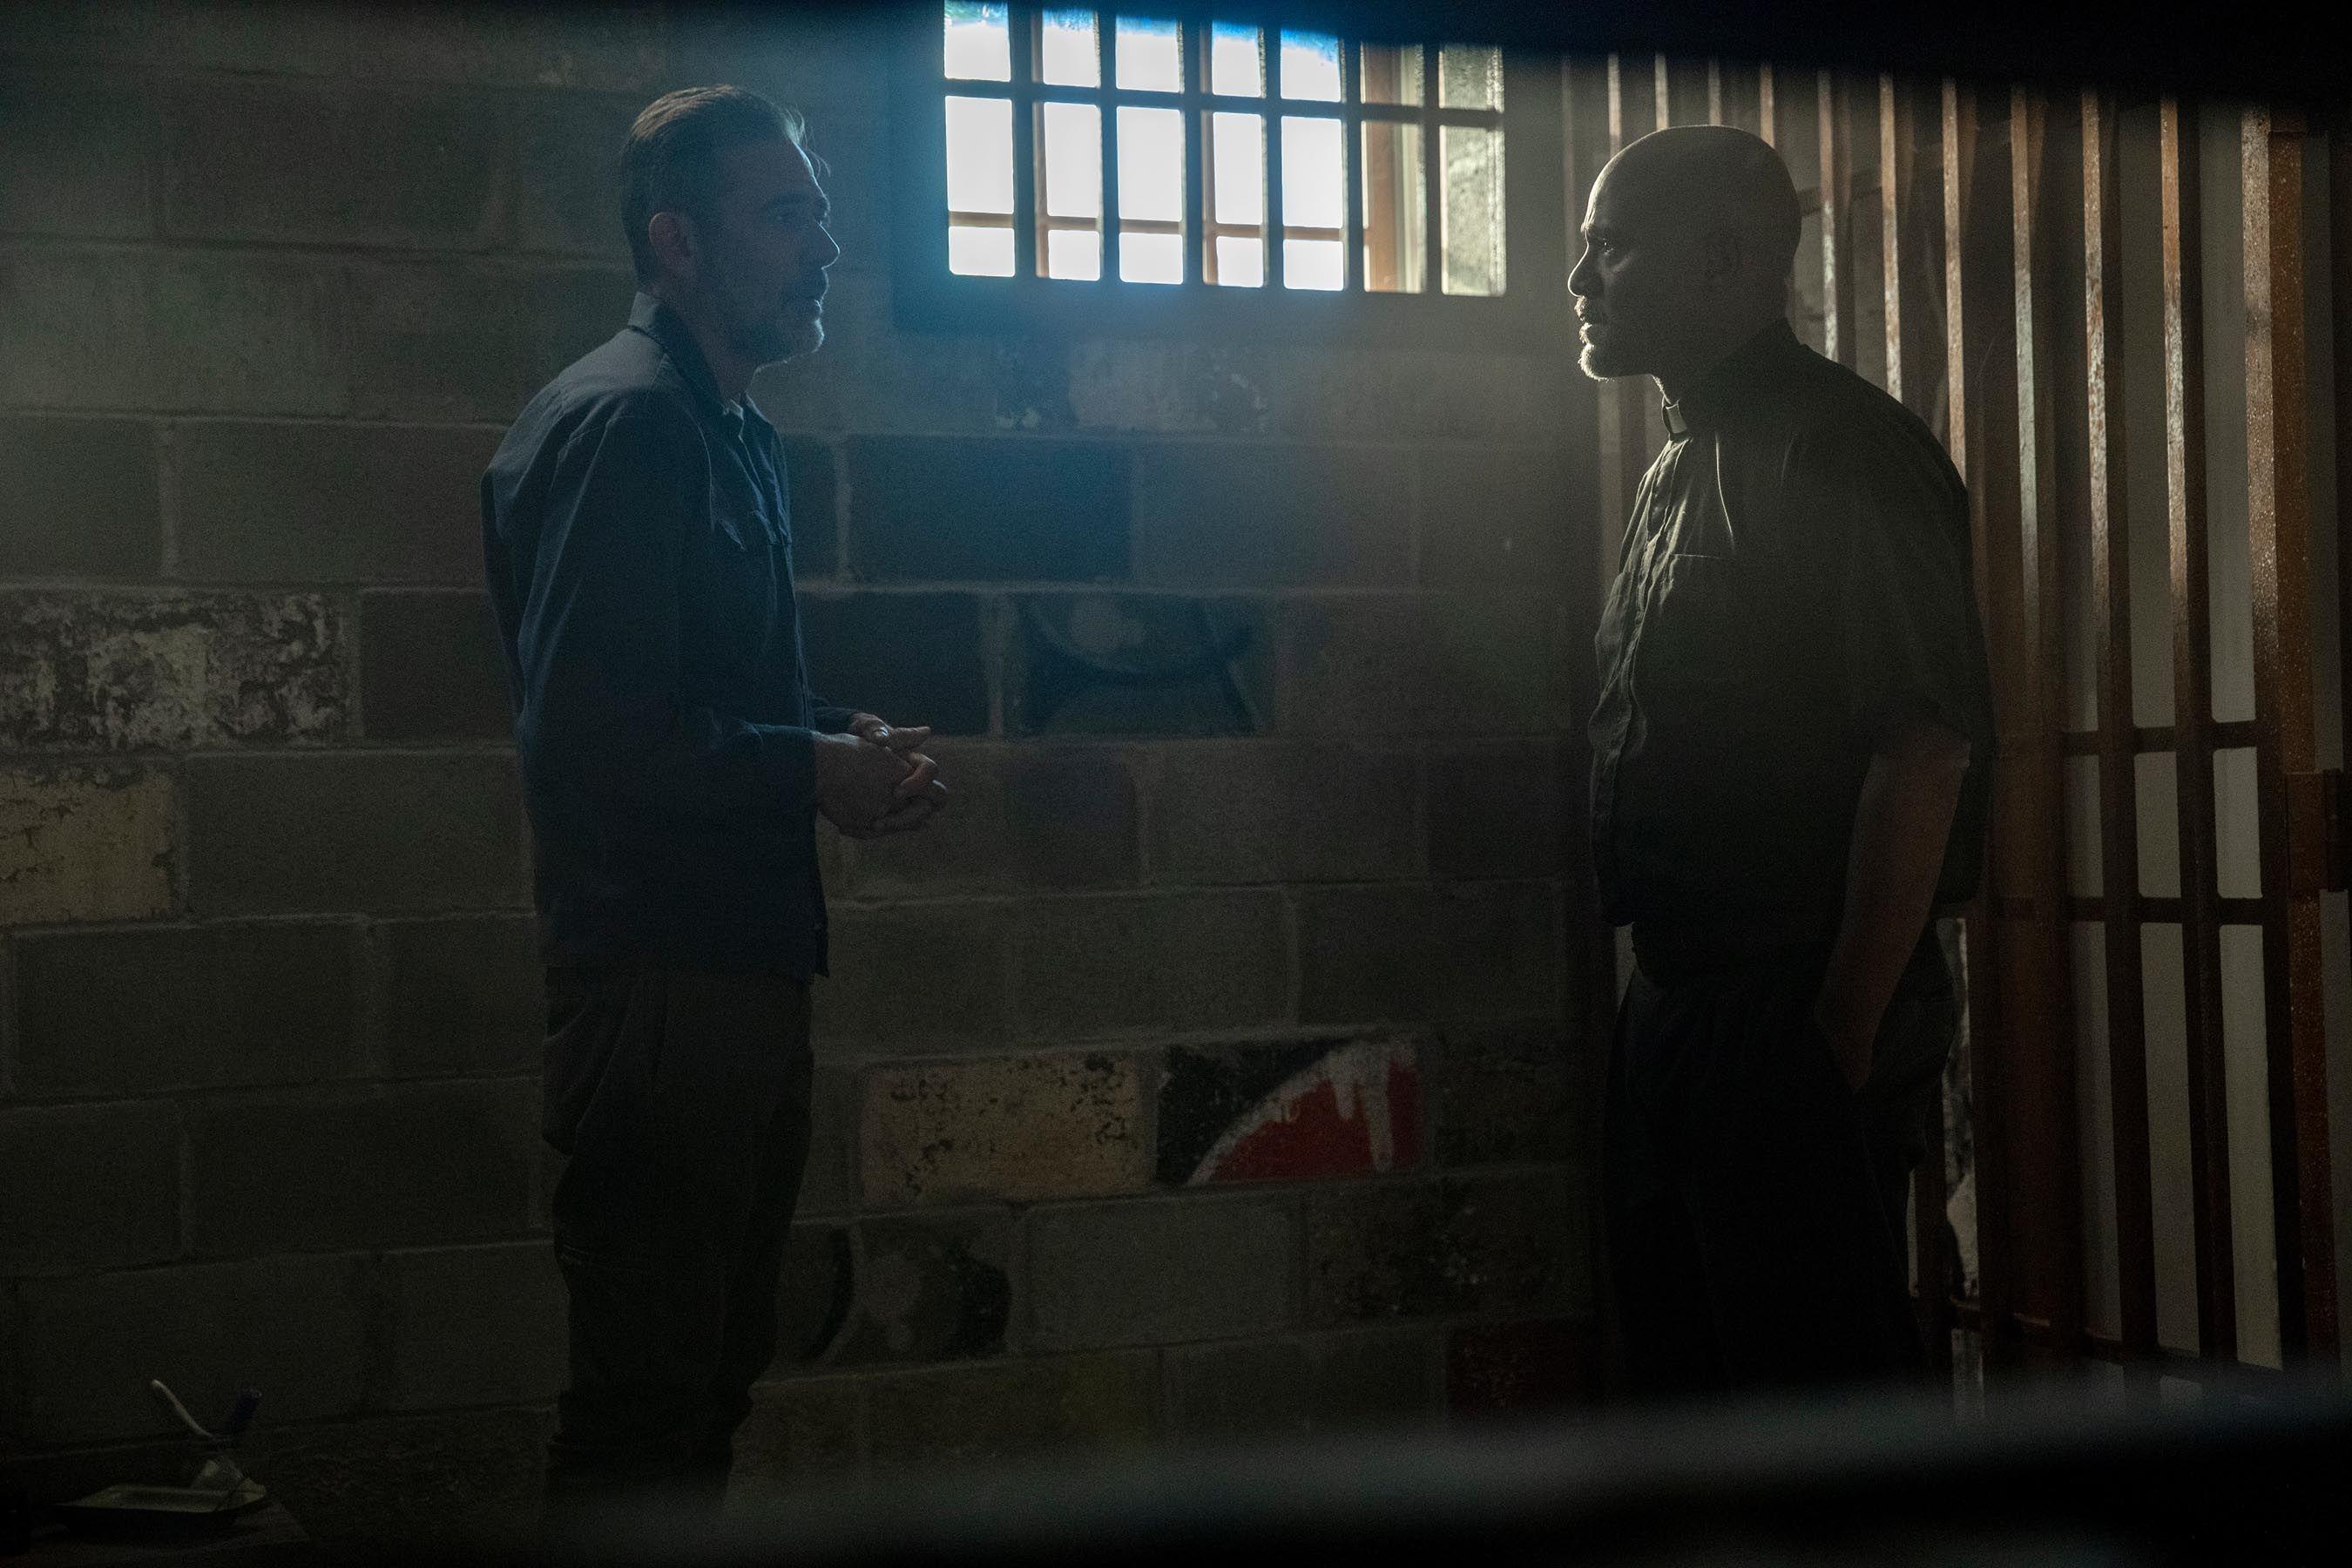 The Walking Dead: Sneak peek at season 5 deleted scene